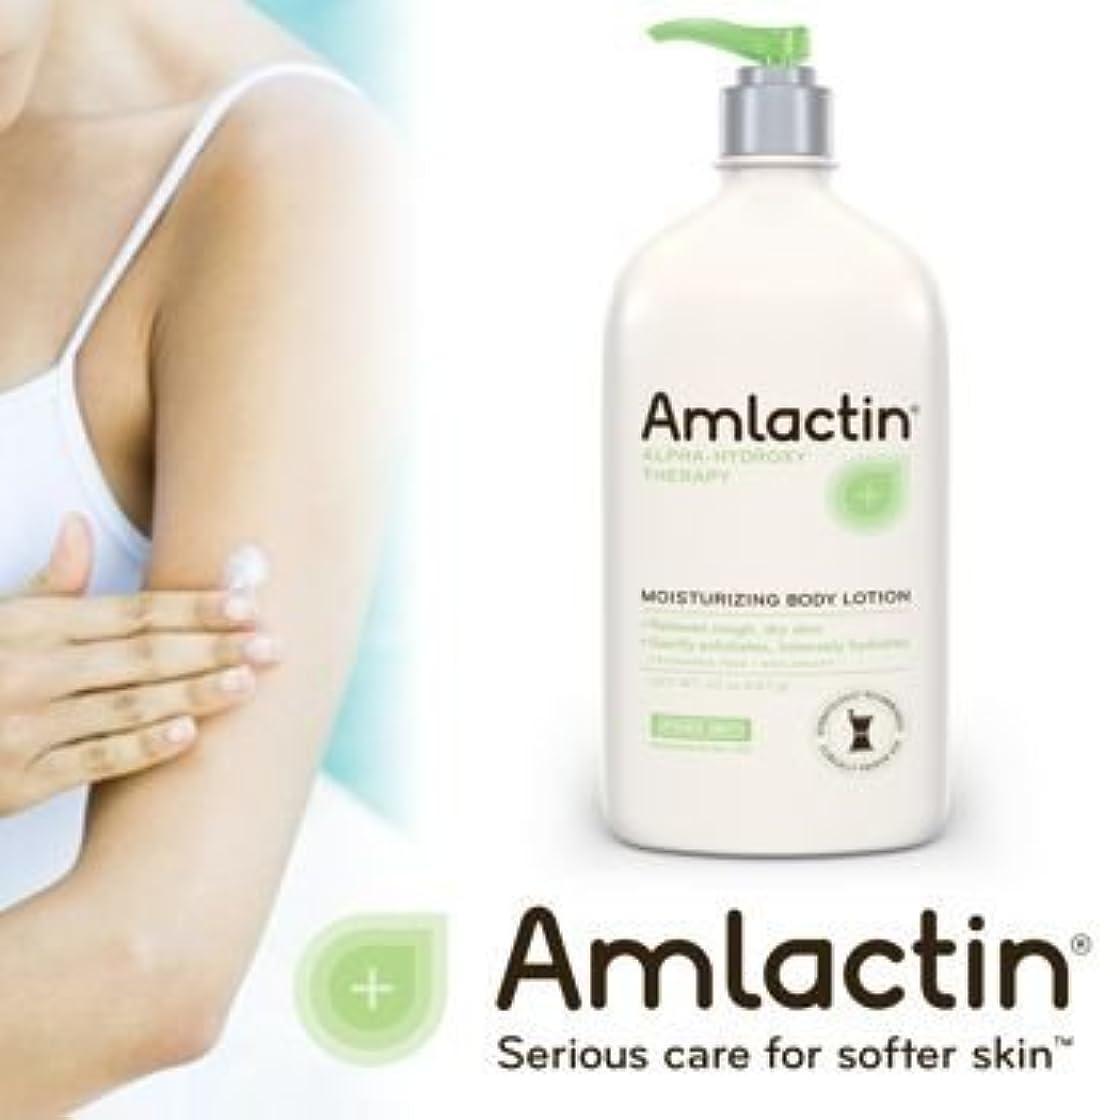 個人的に水陸両用水曜日アムラクティン 保湿液 (乾燥肌のため) - 12% 乳酸 - AmLactin 12 % Moisturizing Lotion - 500 g / 17.6 oz (Product packaging may vary)